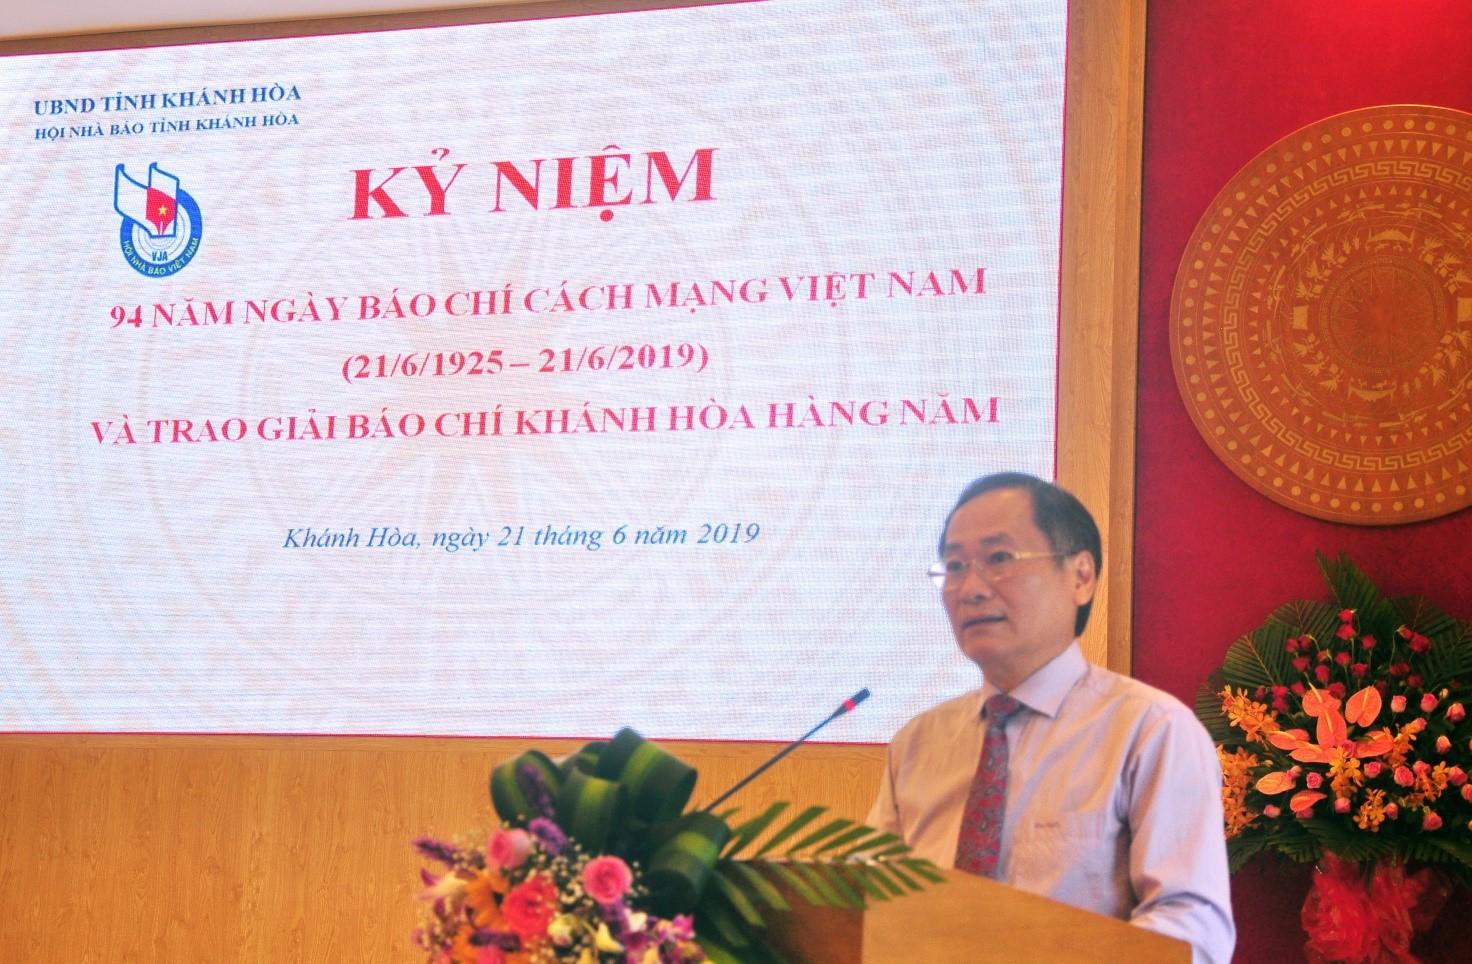 Ông Nguyễn Đắc Tài, Phó Chủ tịch Thường trực UBND tỉnh Khánh Hòa phát biểu chào mừng, ghi nhận công lao đóng góp của báo chí